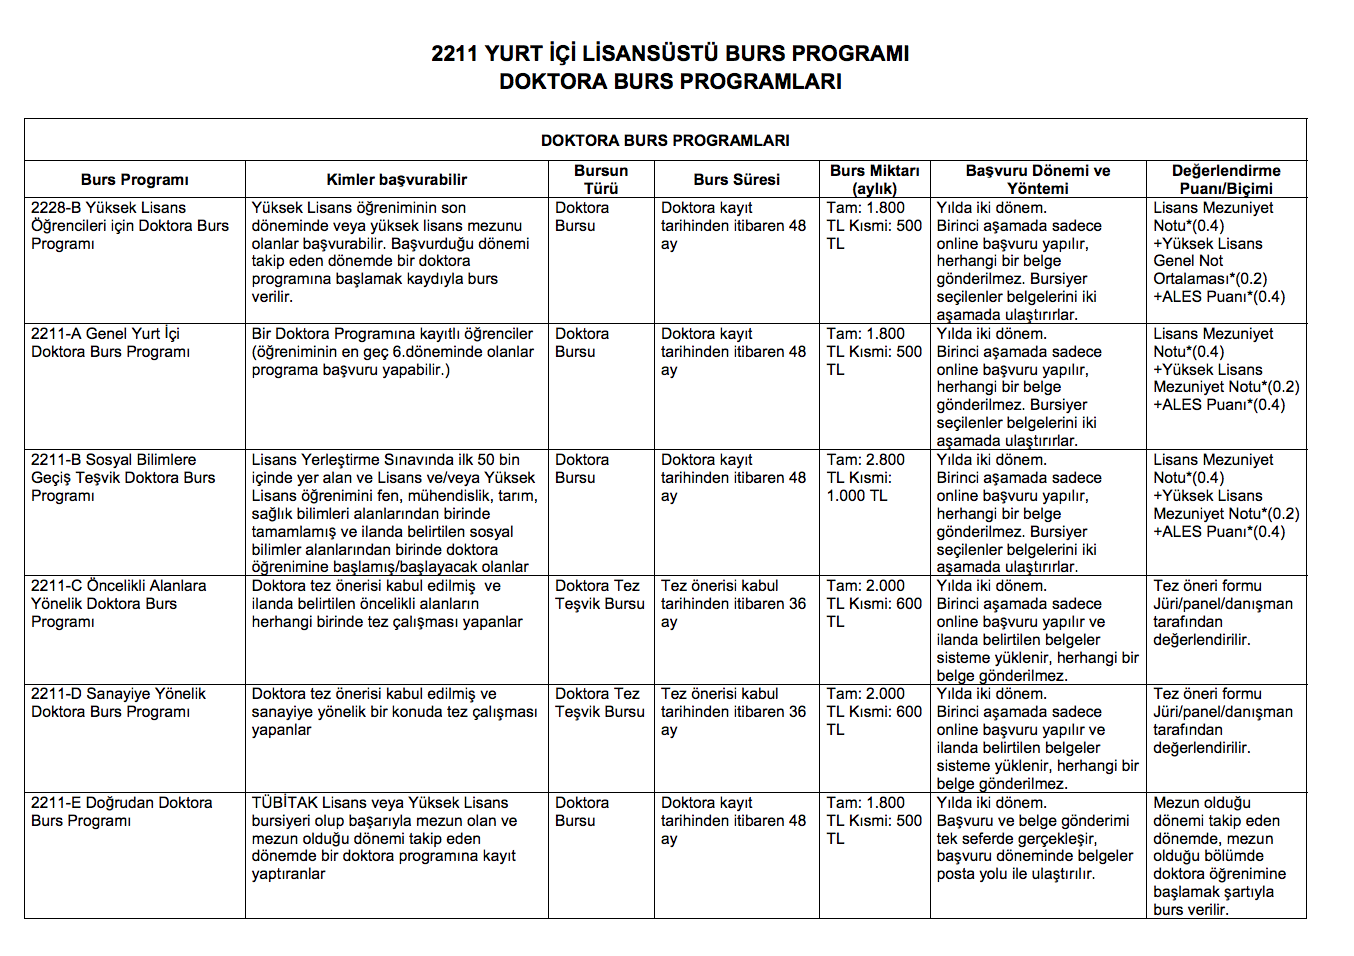 tubitak 2015-2016 yüksek lisans ve doktora bursları